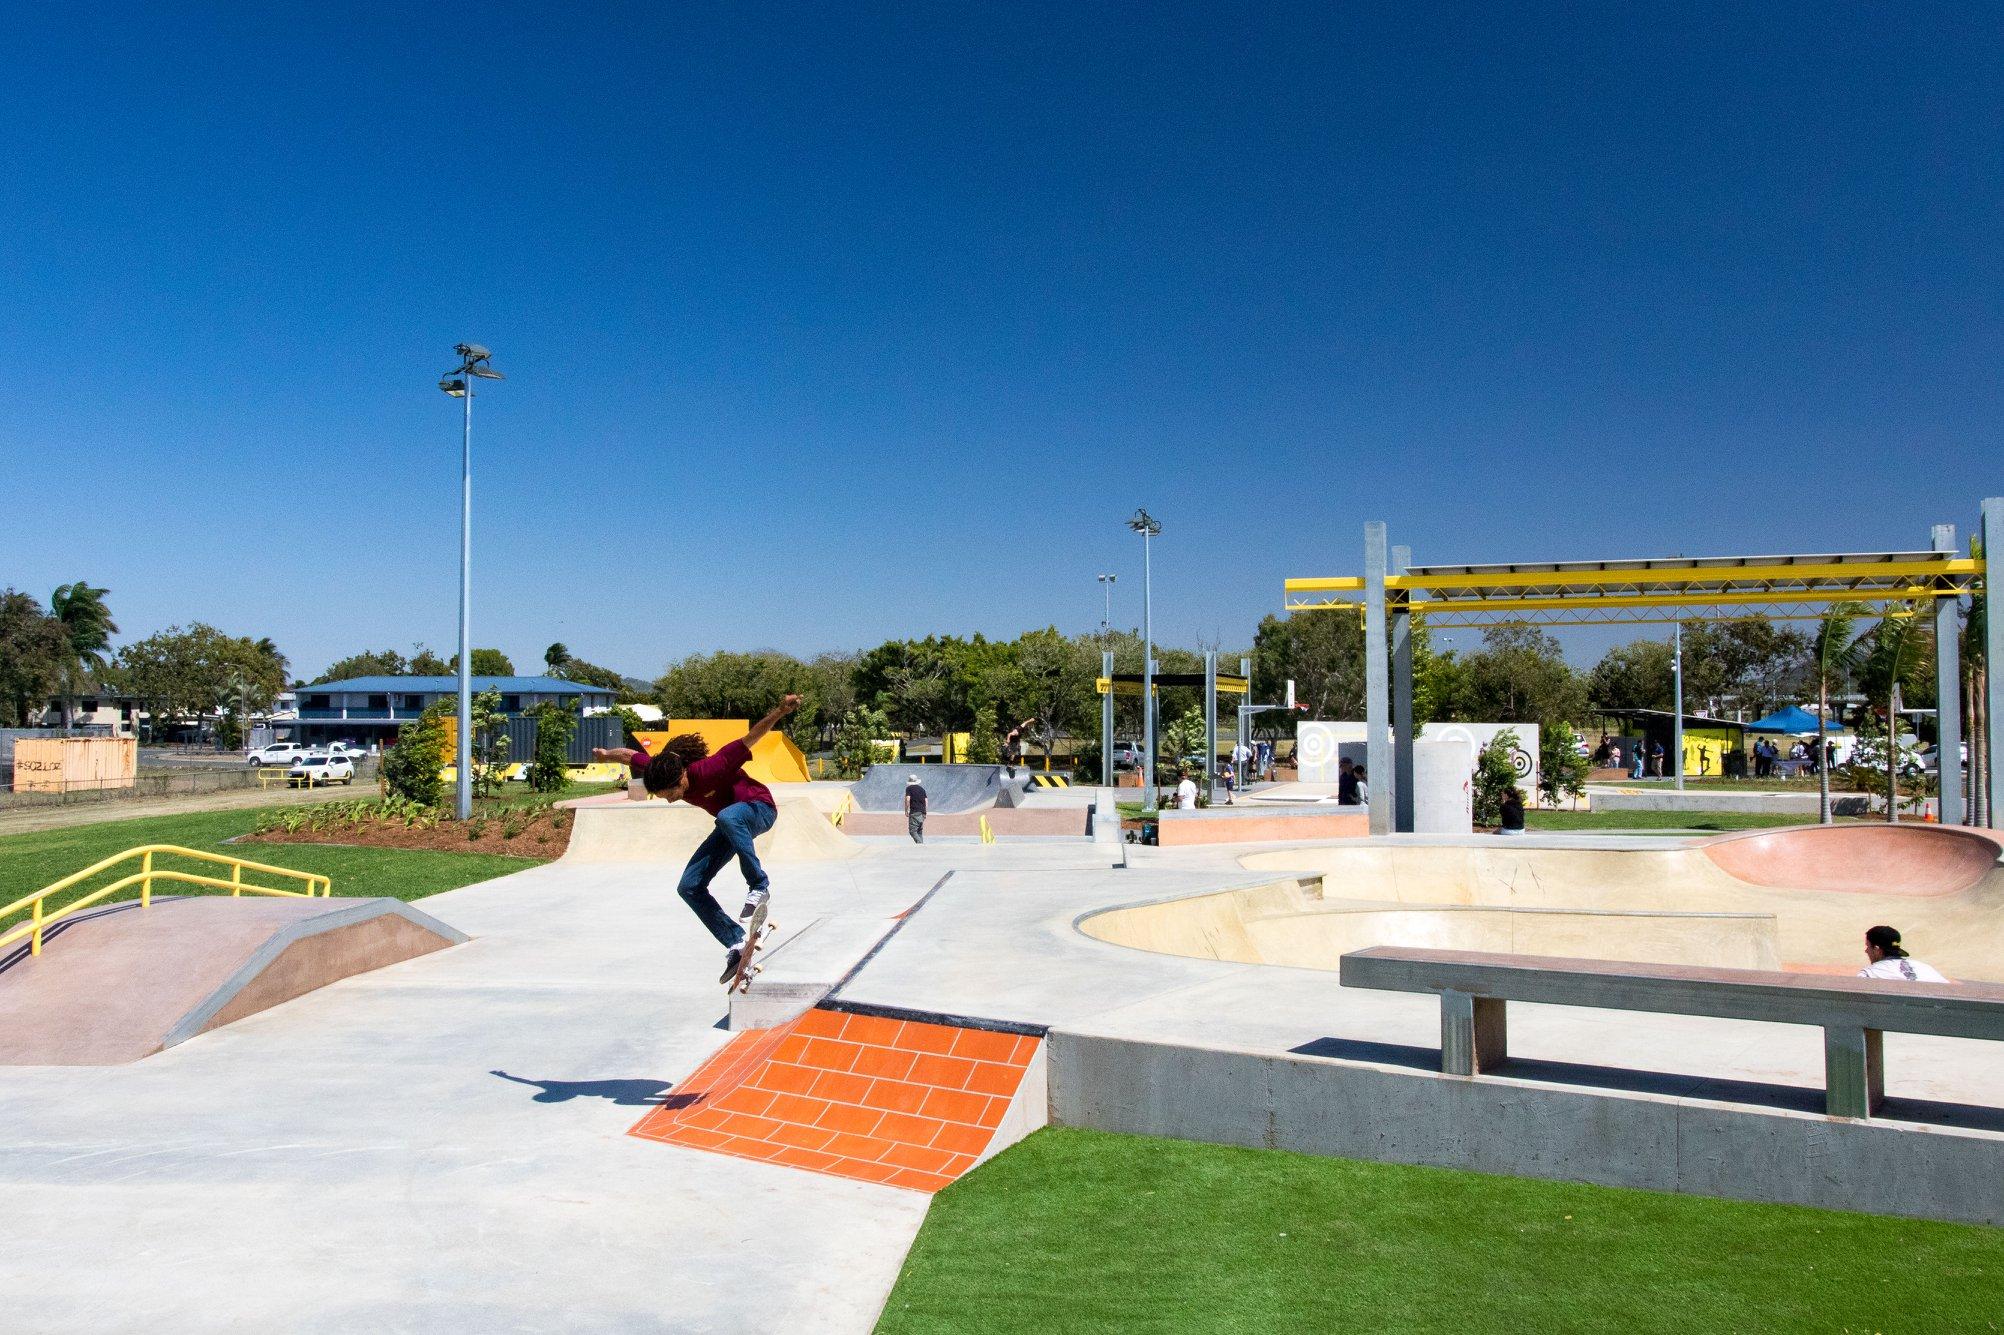 Sugar Bowl Skate Park